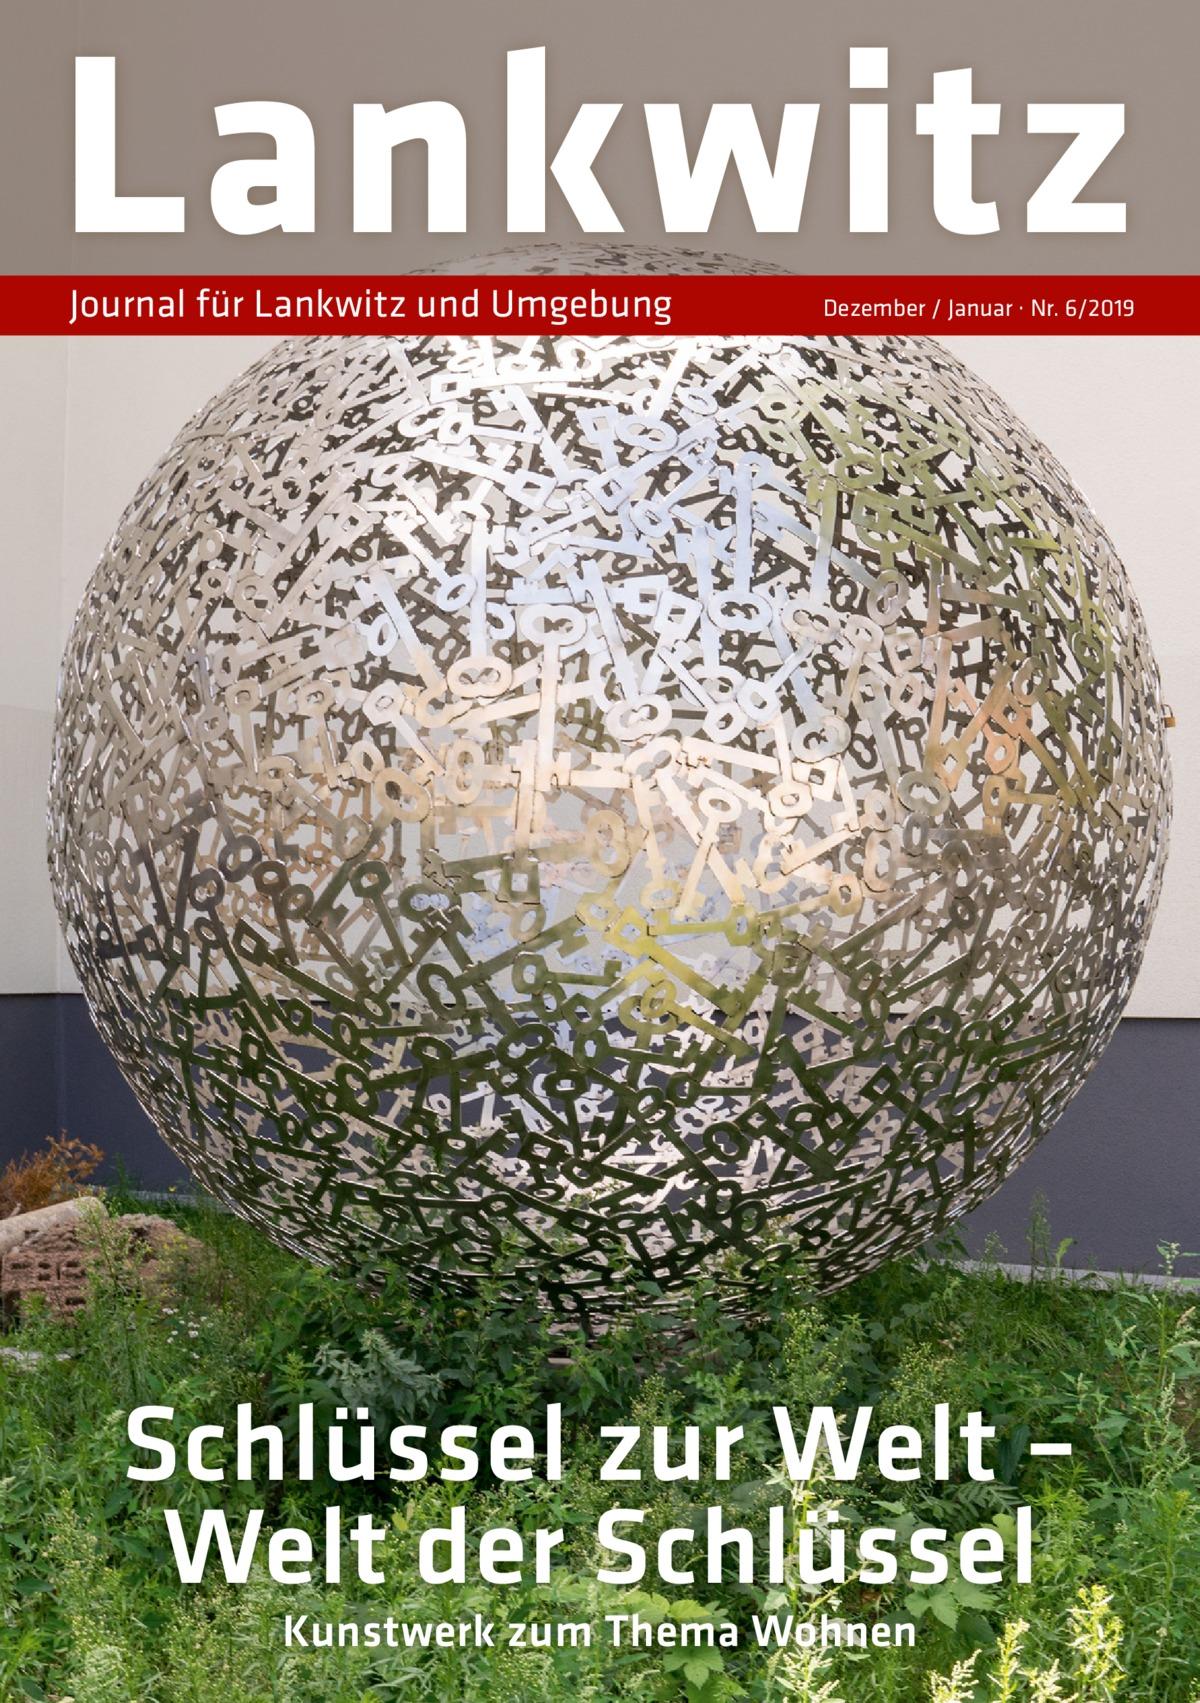 Lankwitz Journal für Lankwitz und Umgebung  Dezember / Januar · Nr. 6/2019  Schlüssel zur Welt – Welt der Schlüssel Kunstwerk zum Thema Wohnen